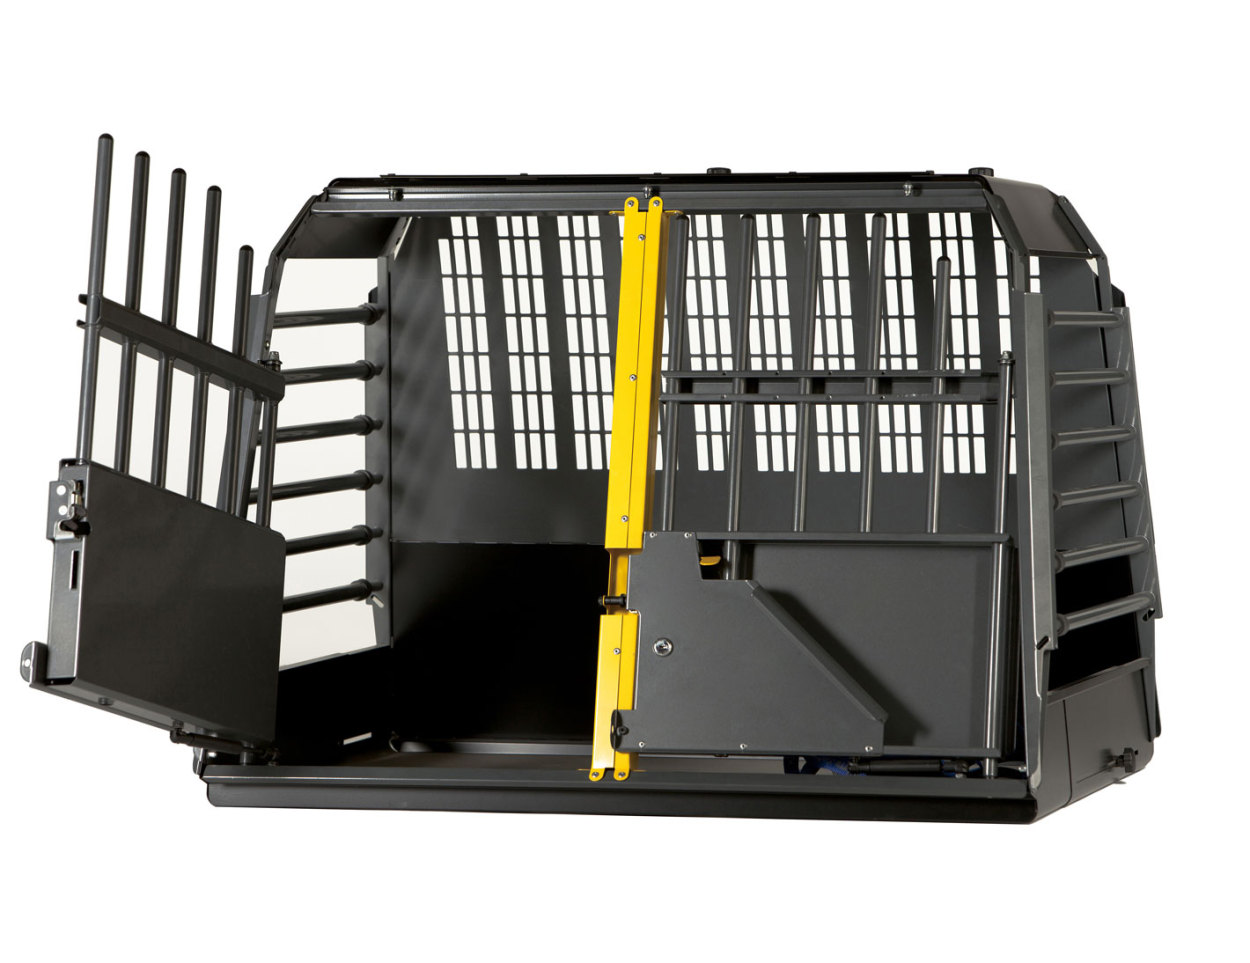 【ポイント5倍】【送料無料】スウェーデン·MIM SAFEの安全性が高いドッグケージ【Vario Cage ダブルサイズ·MaxiMum】